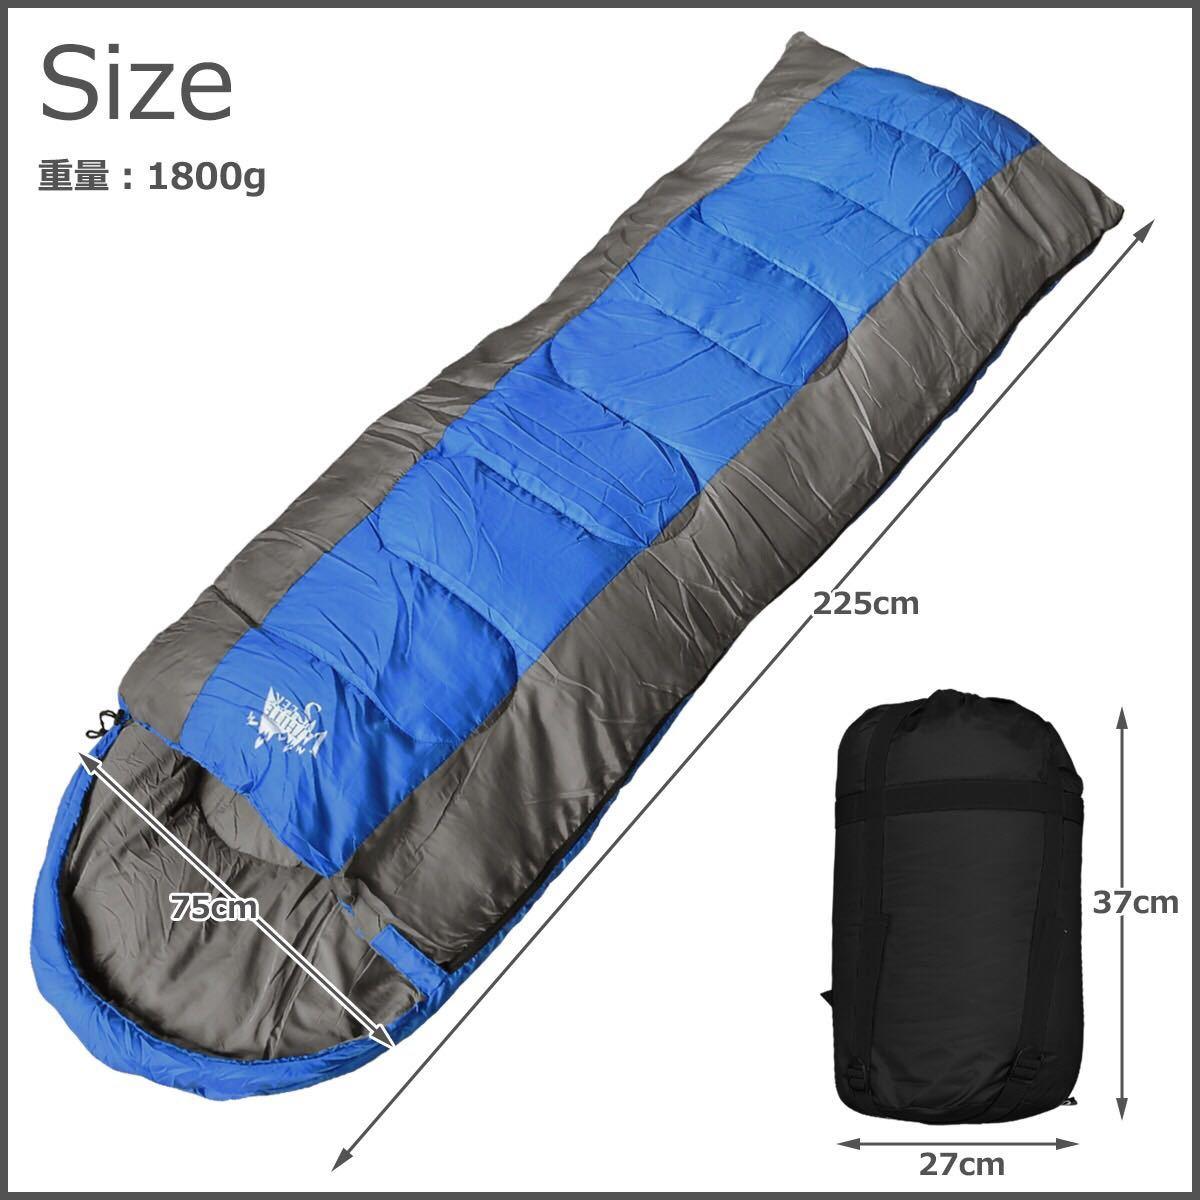 寝袋 シュラフ 封筒型 コンパクト収納 丸洗い 抗菌仕様 最低使用温度-15℃